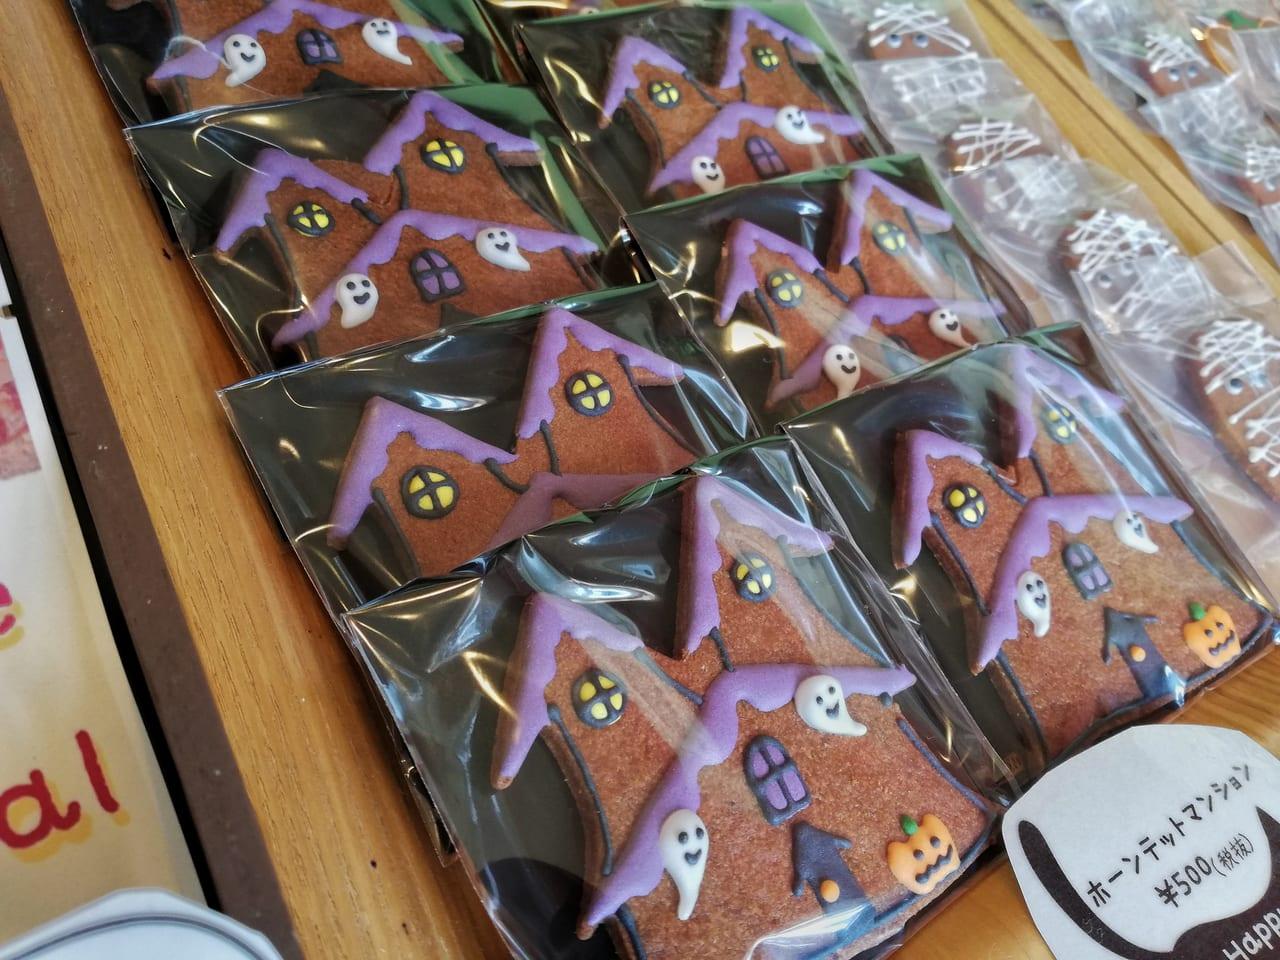 15周年を迎えた焼き菓子店マ・コピーヌのハロウィンクッキー